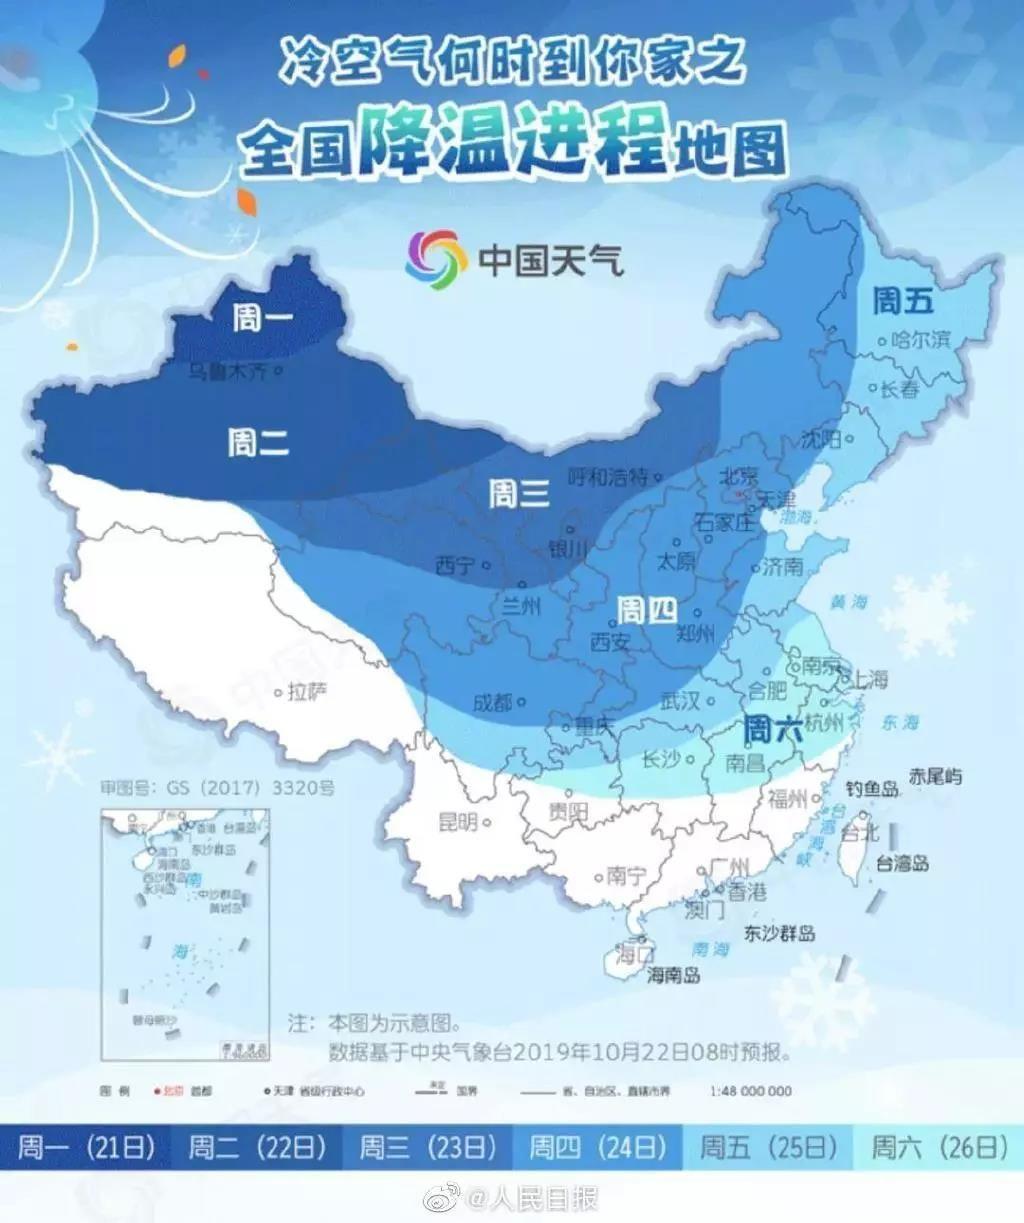 冷空气已到粤北,中山明天有雨!这次能降温吗?